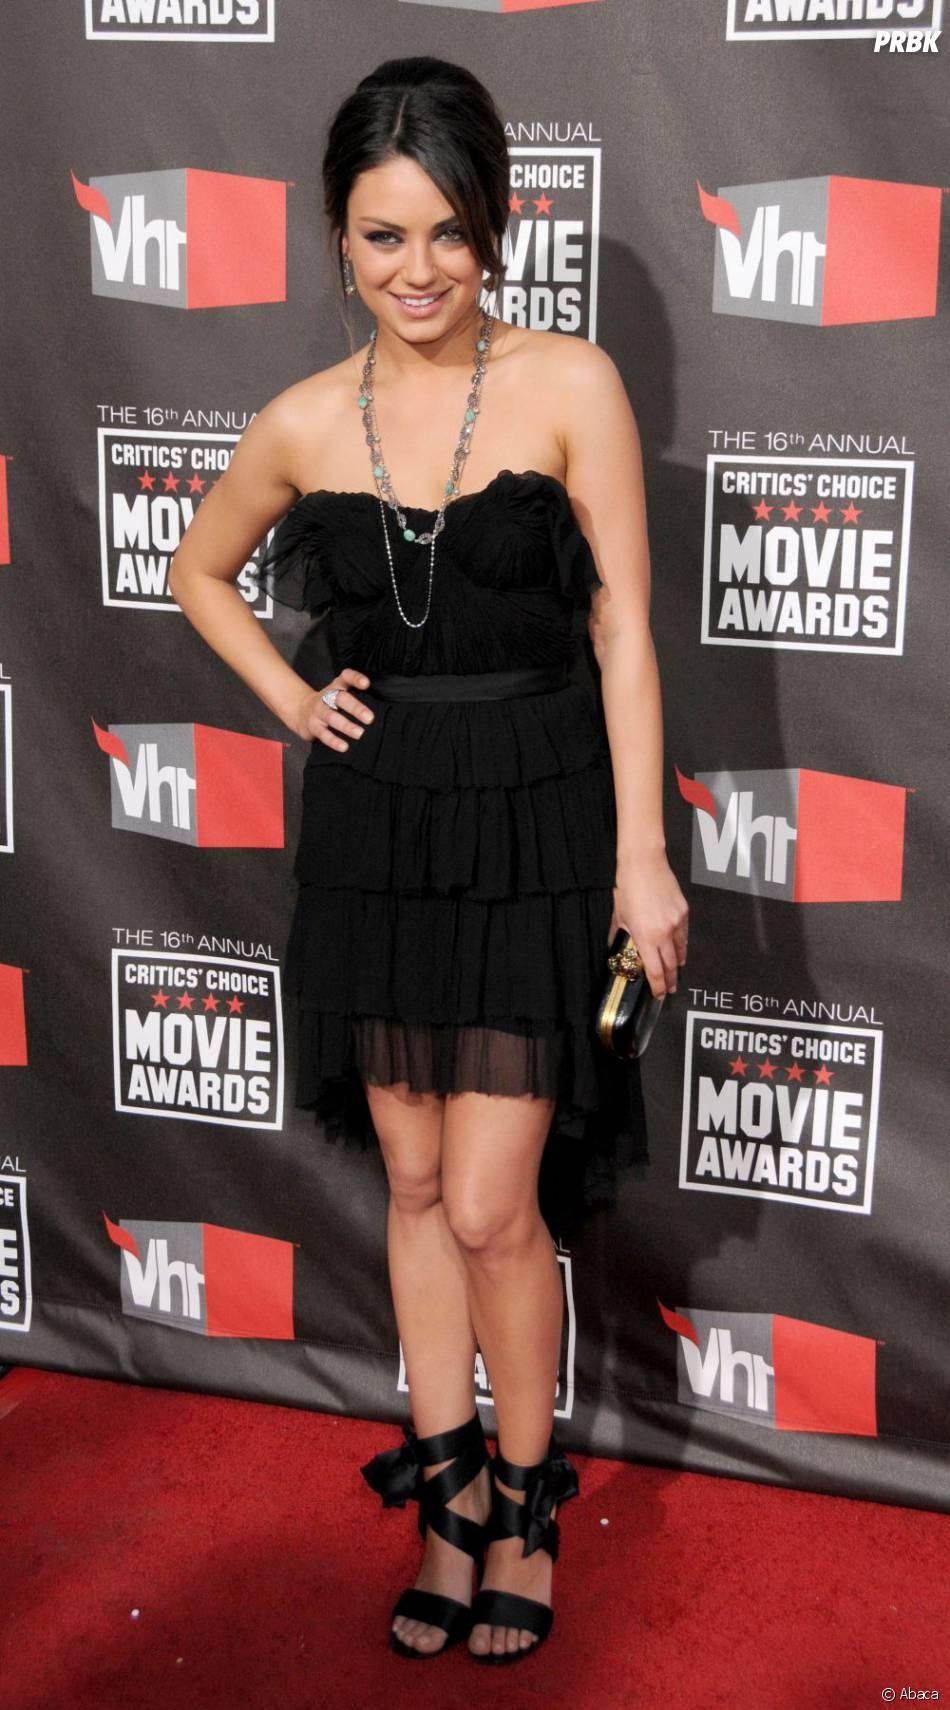 Mila Kunis a zappé Macauley Culkin